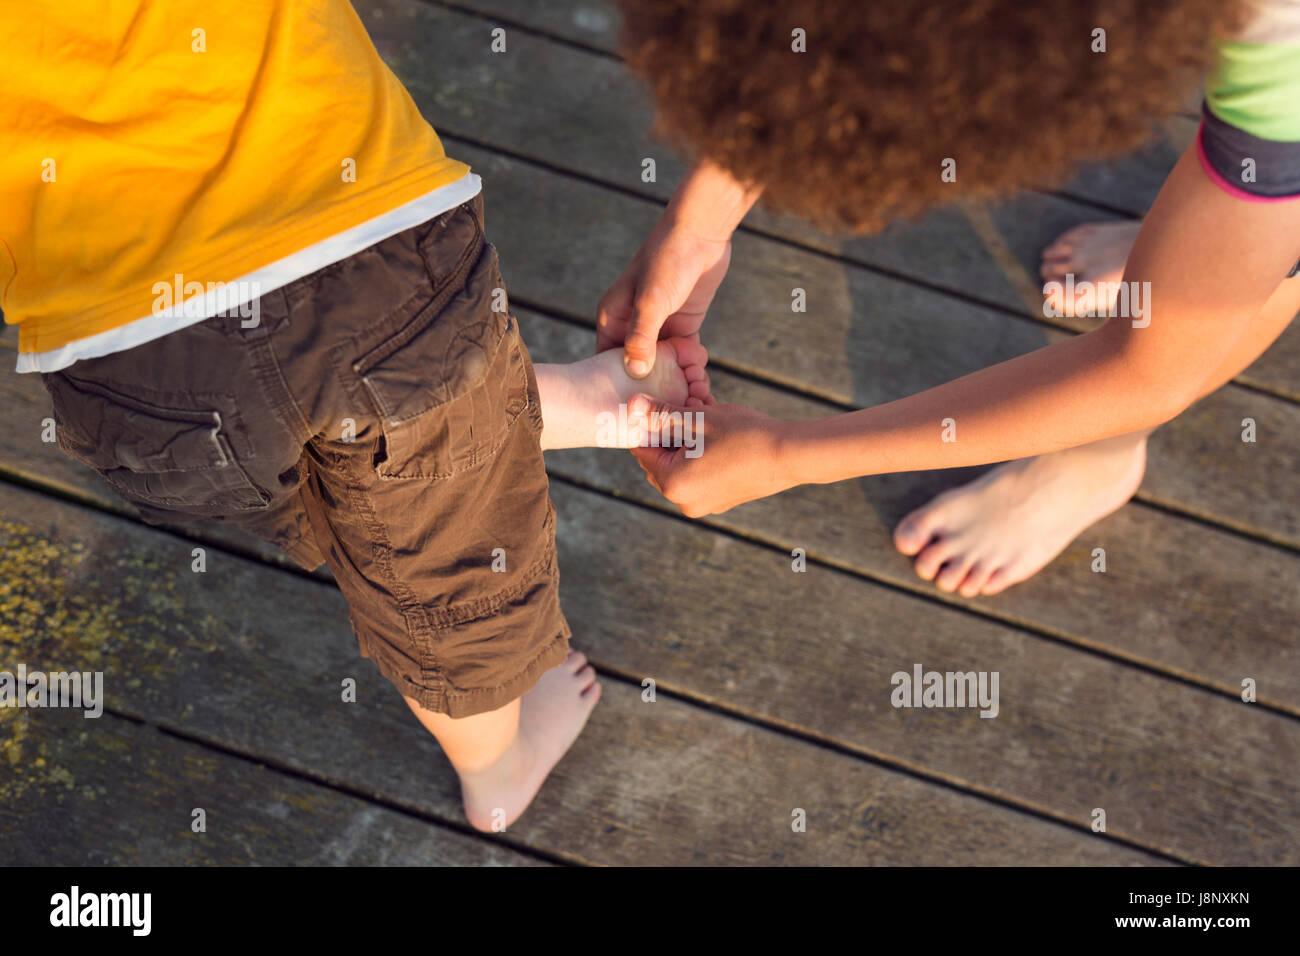 Boy (10-11) L'examen d'autres boy's (4-5) foot Banque D'Images